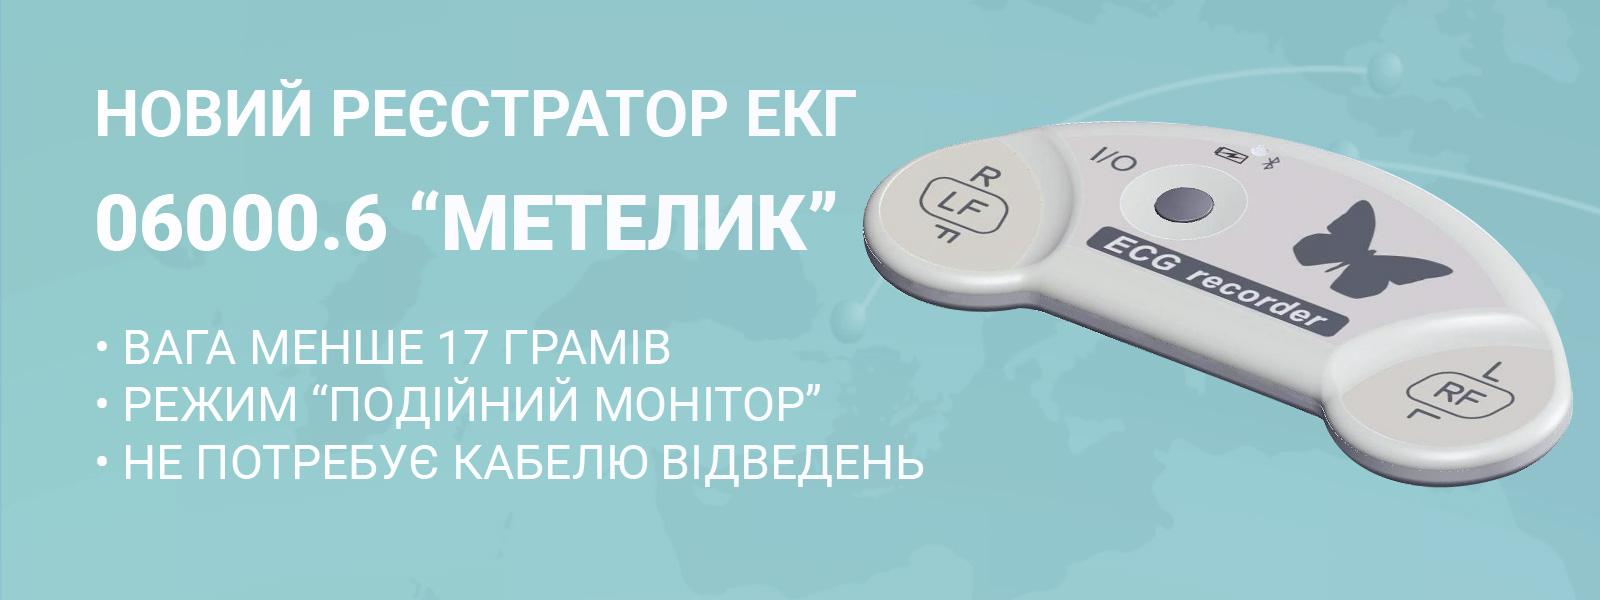 Новый регистратор ЭКГ 06000.6 - ближе к сердцу!